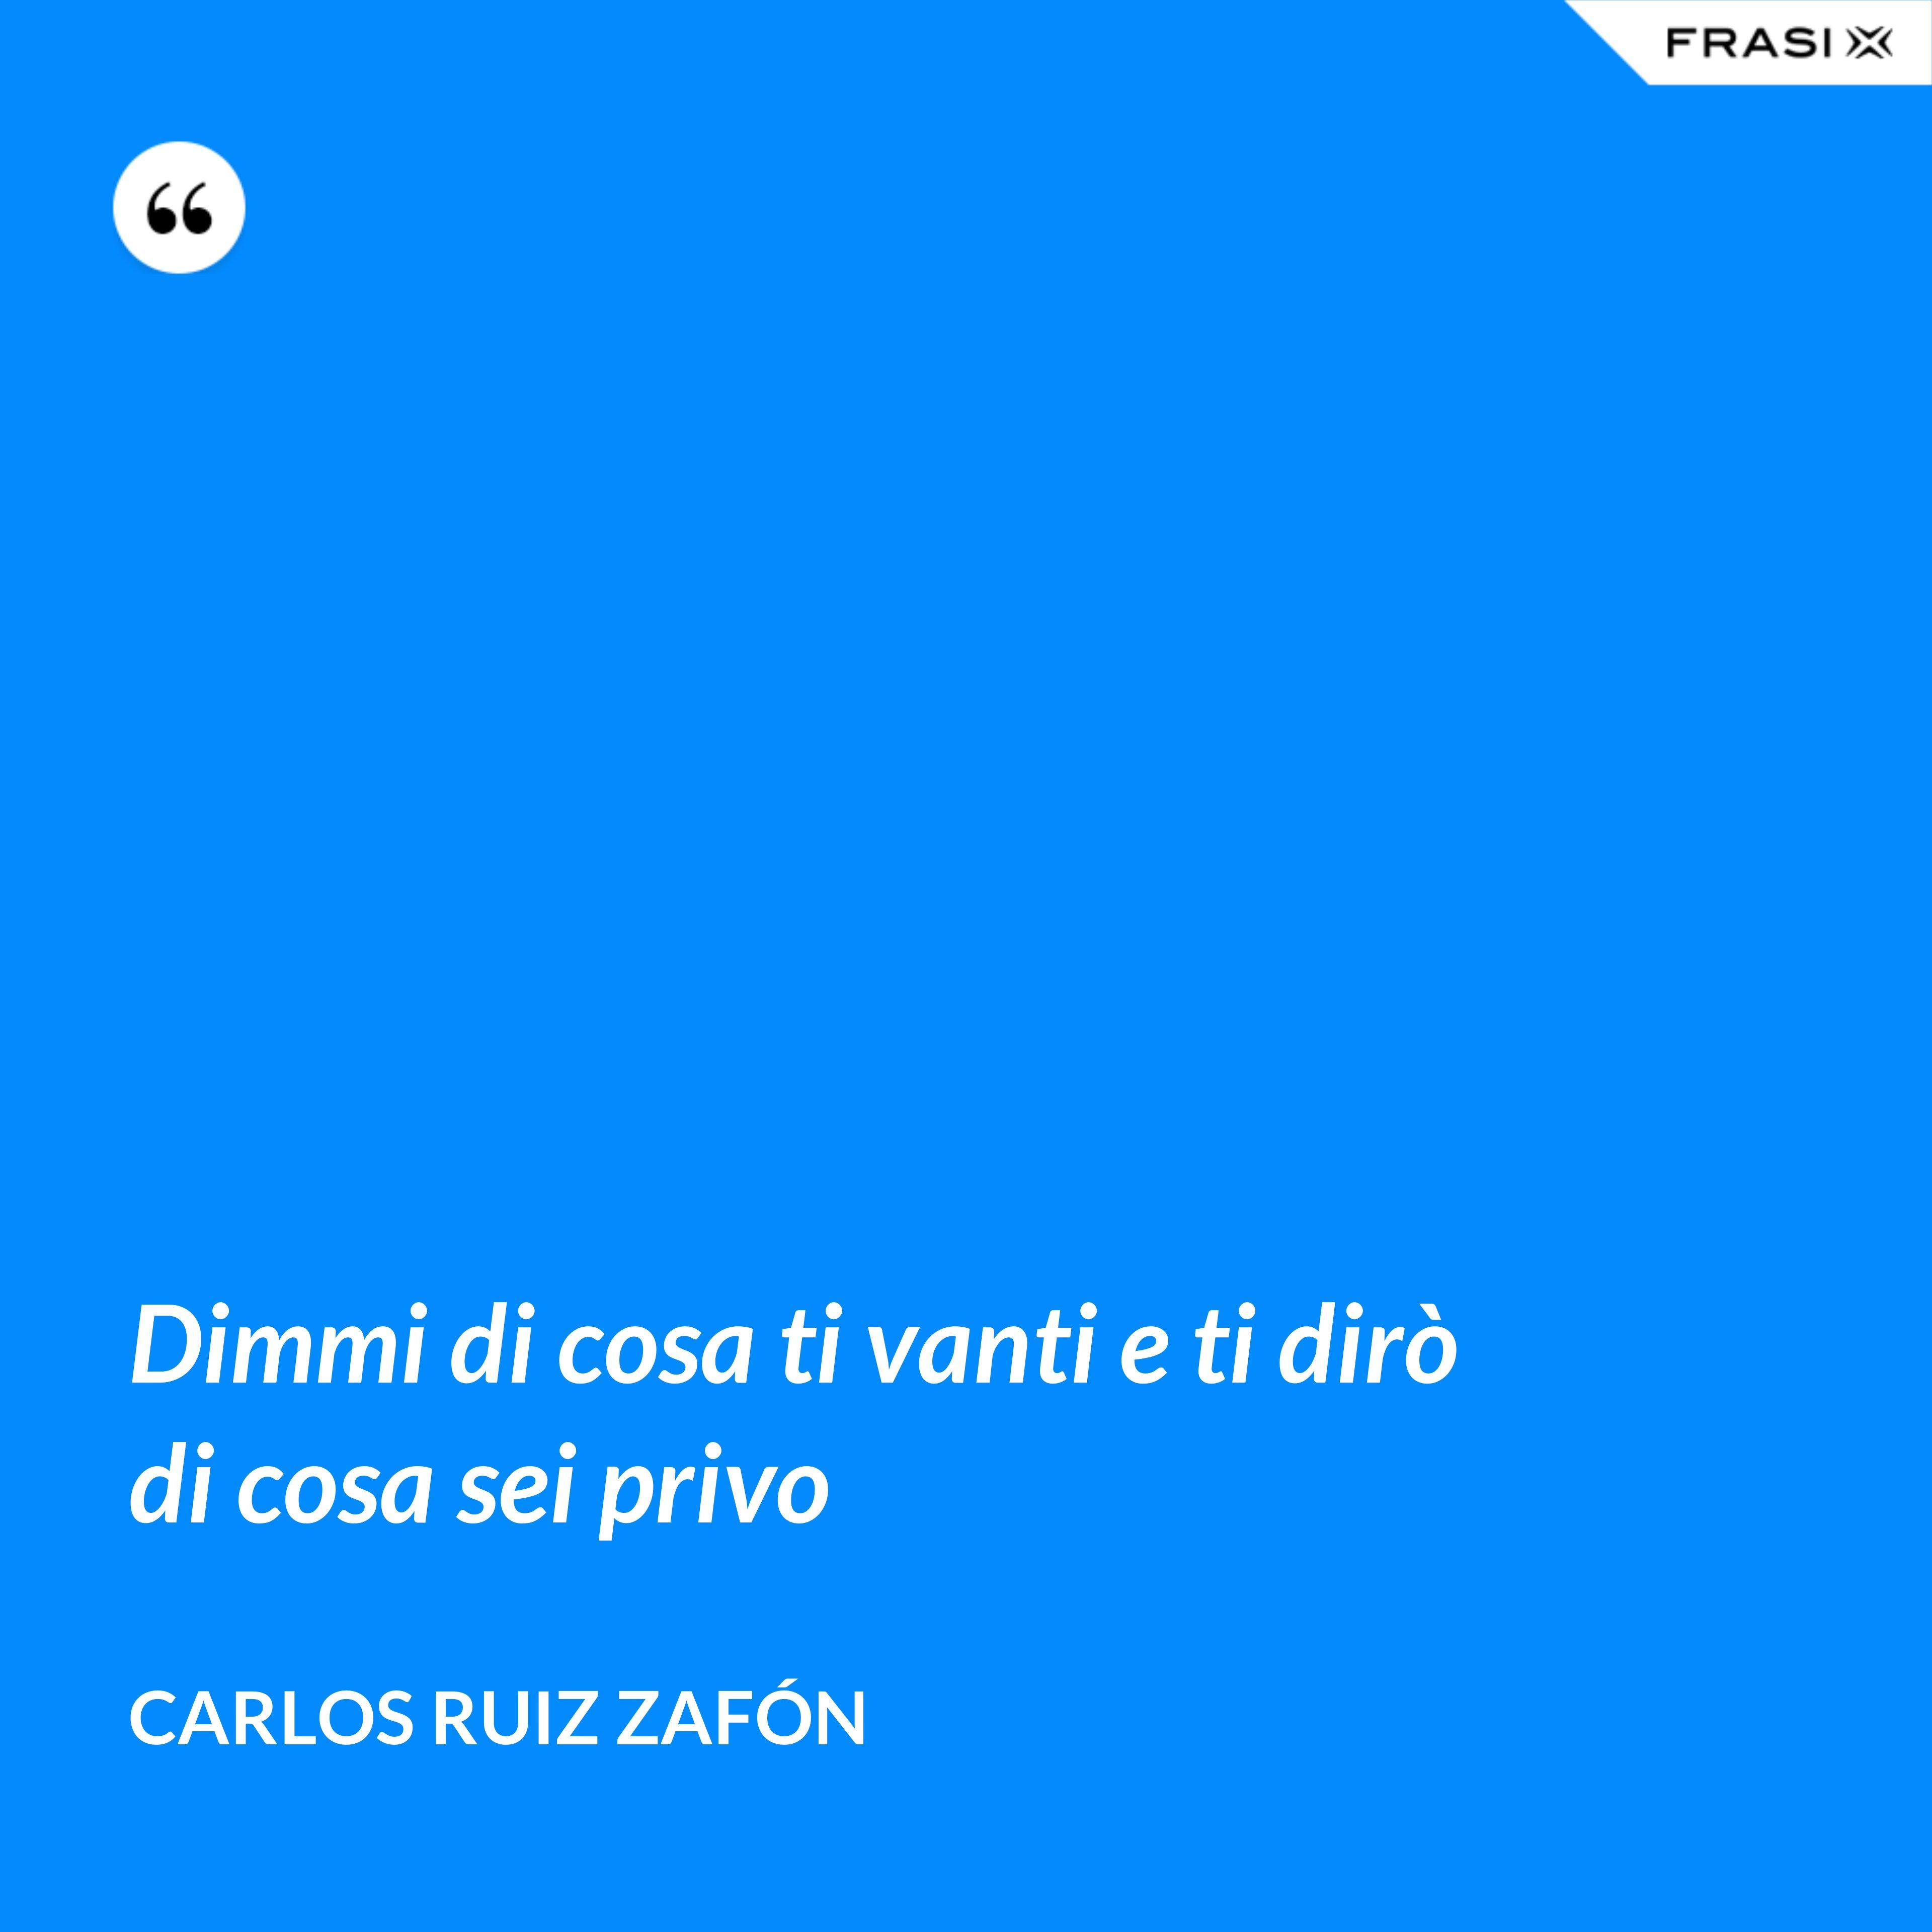 Dimmi di cosa ti vanti e ti dirò di cosa sei privo - Carlos Ruiz Zafón